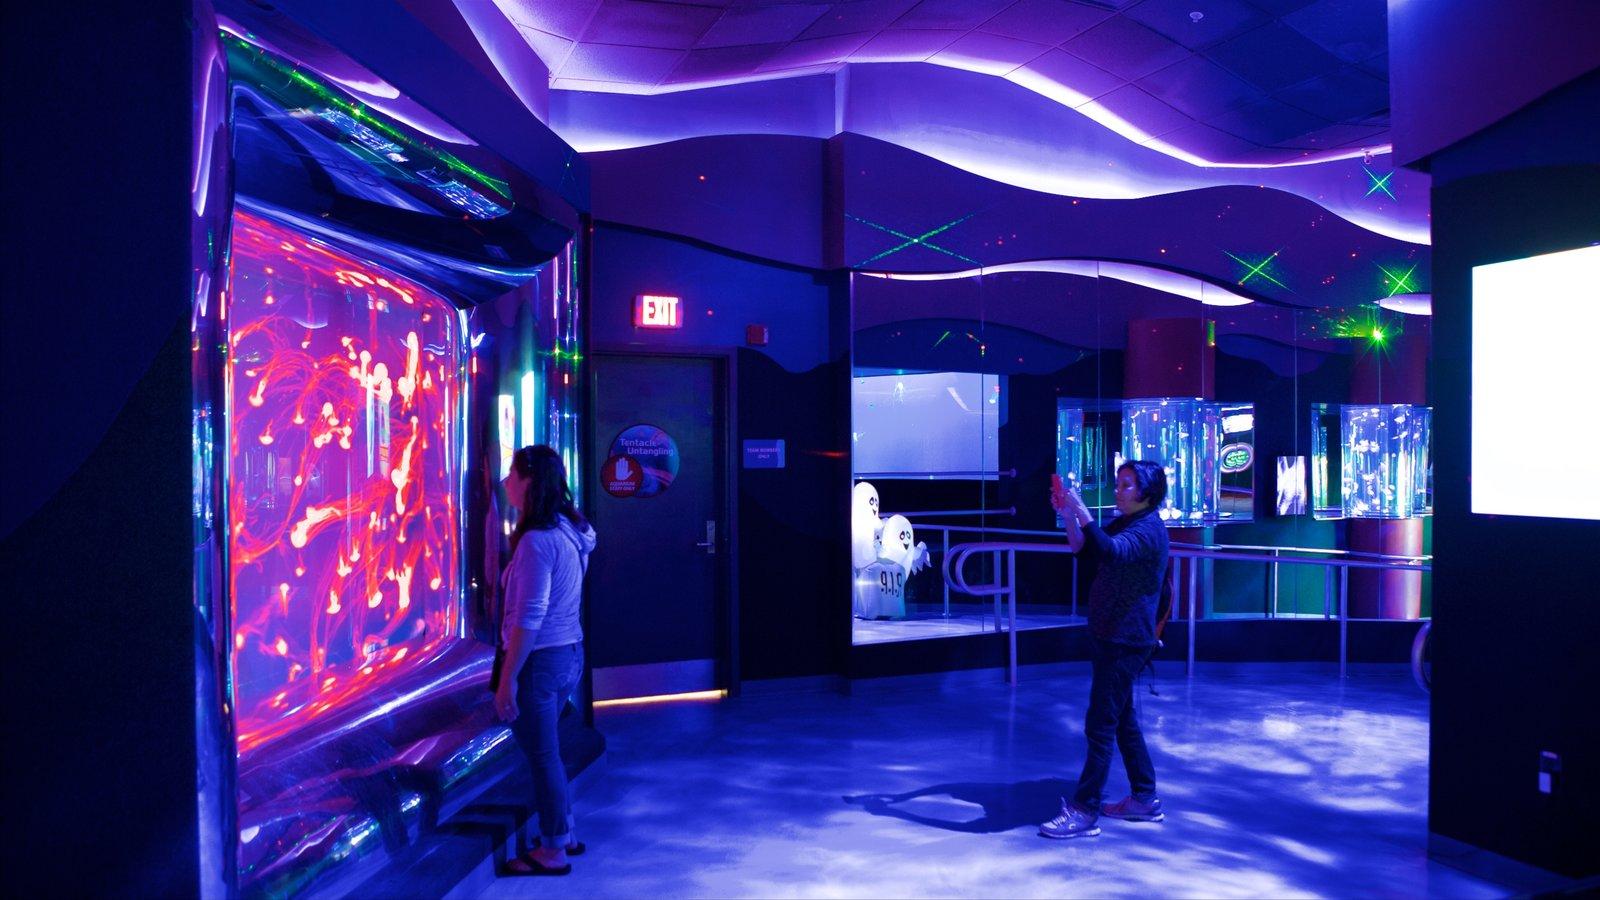 Ripley\'s Aquarium mostrando vistas internas e vida marinha assim como uma mulher sozinha